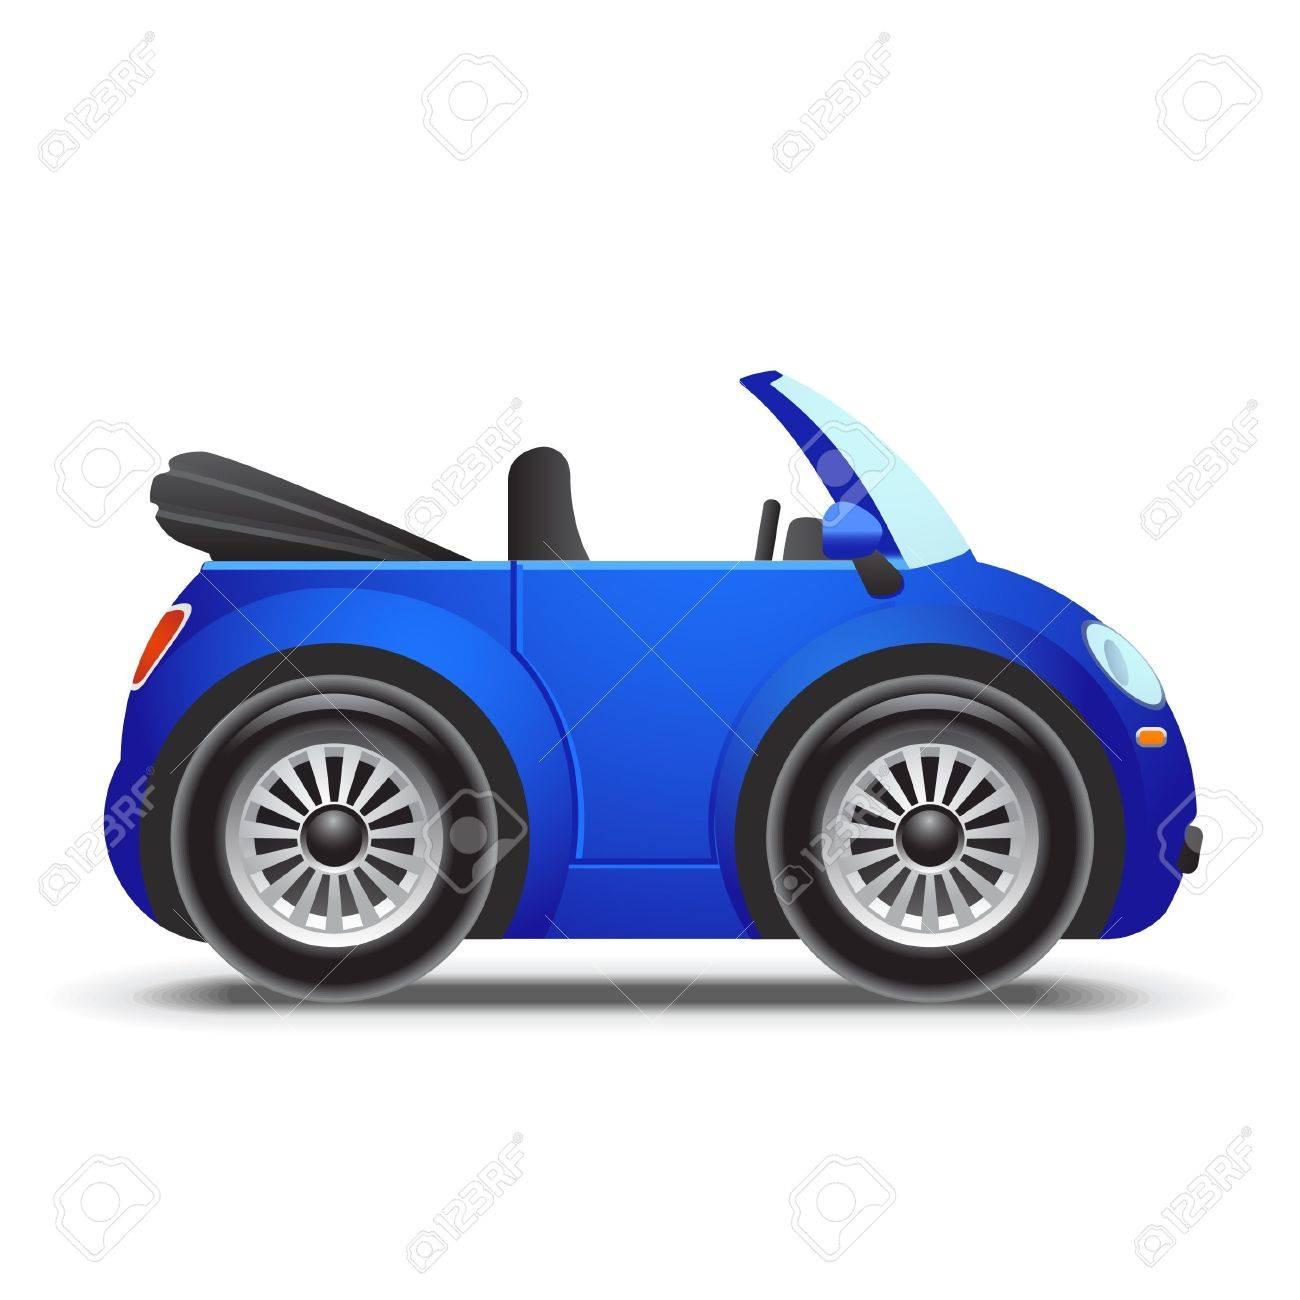 Blue cabriolet icon Stock Vector - 11659770